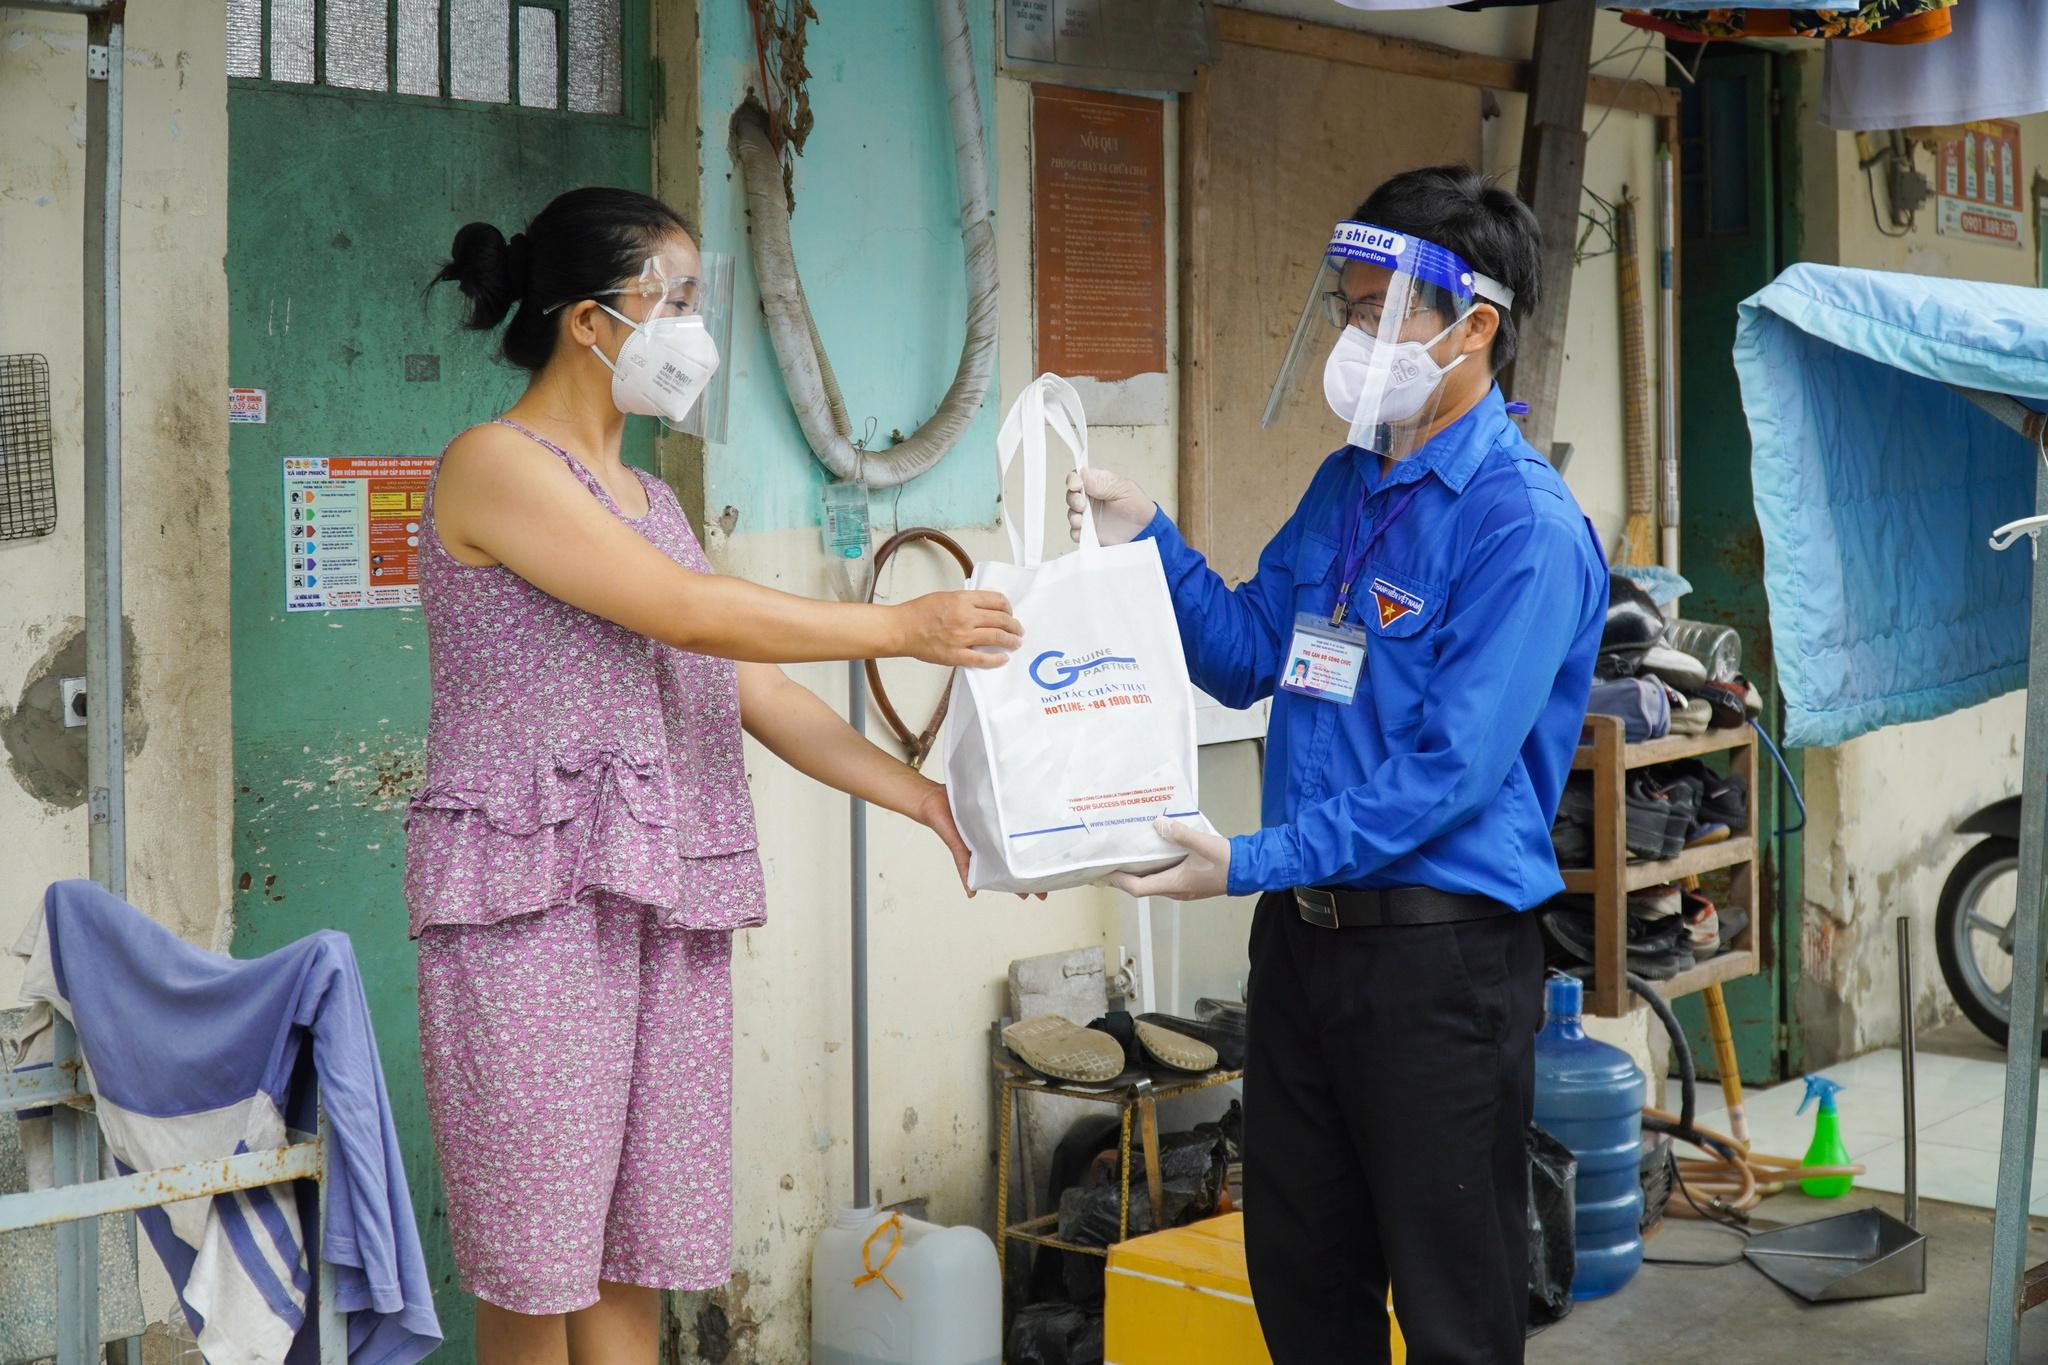 Công nhân treo bảng cầu cứu sữa cho con, nghẹn ngào khi nhận được hỗ trợ - ảnh 6